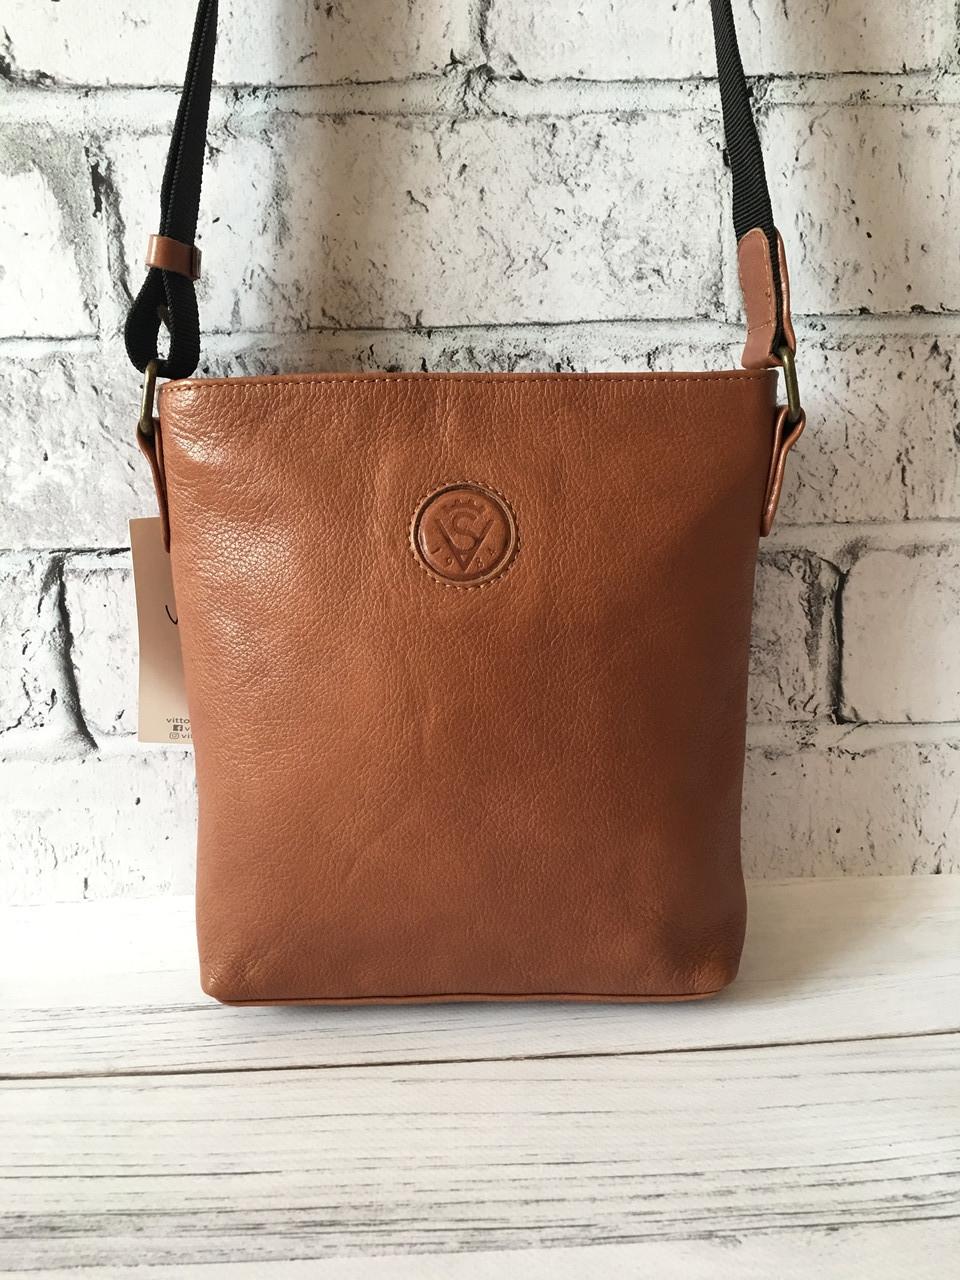 Мужская кожаная сумка через плечо барсетка коричневая ,планшетка ,мессенджер из натуральной кожи